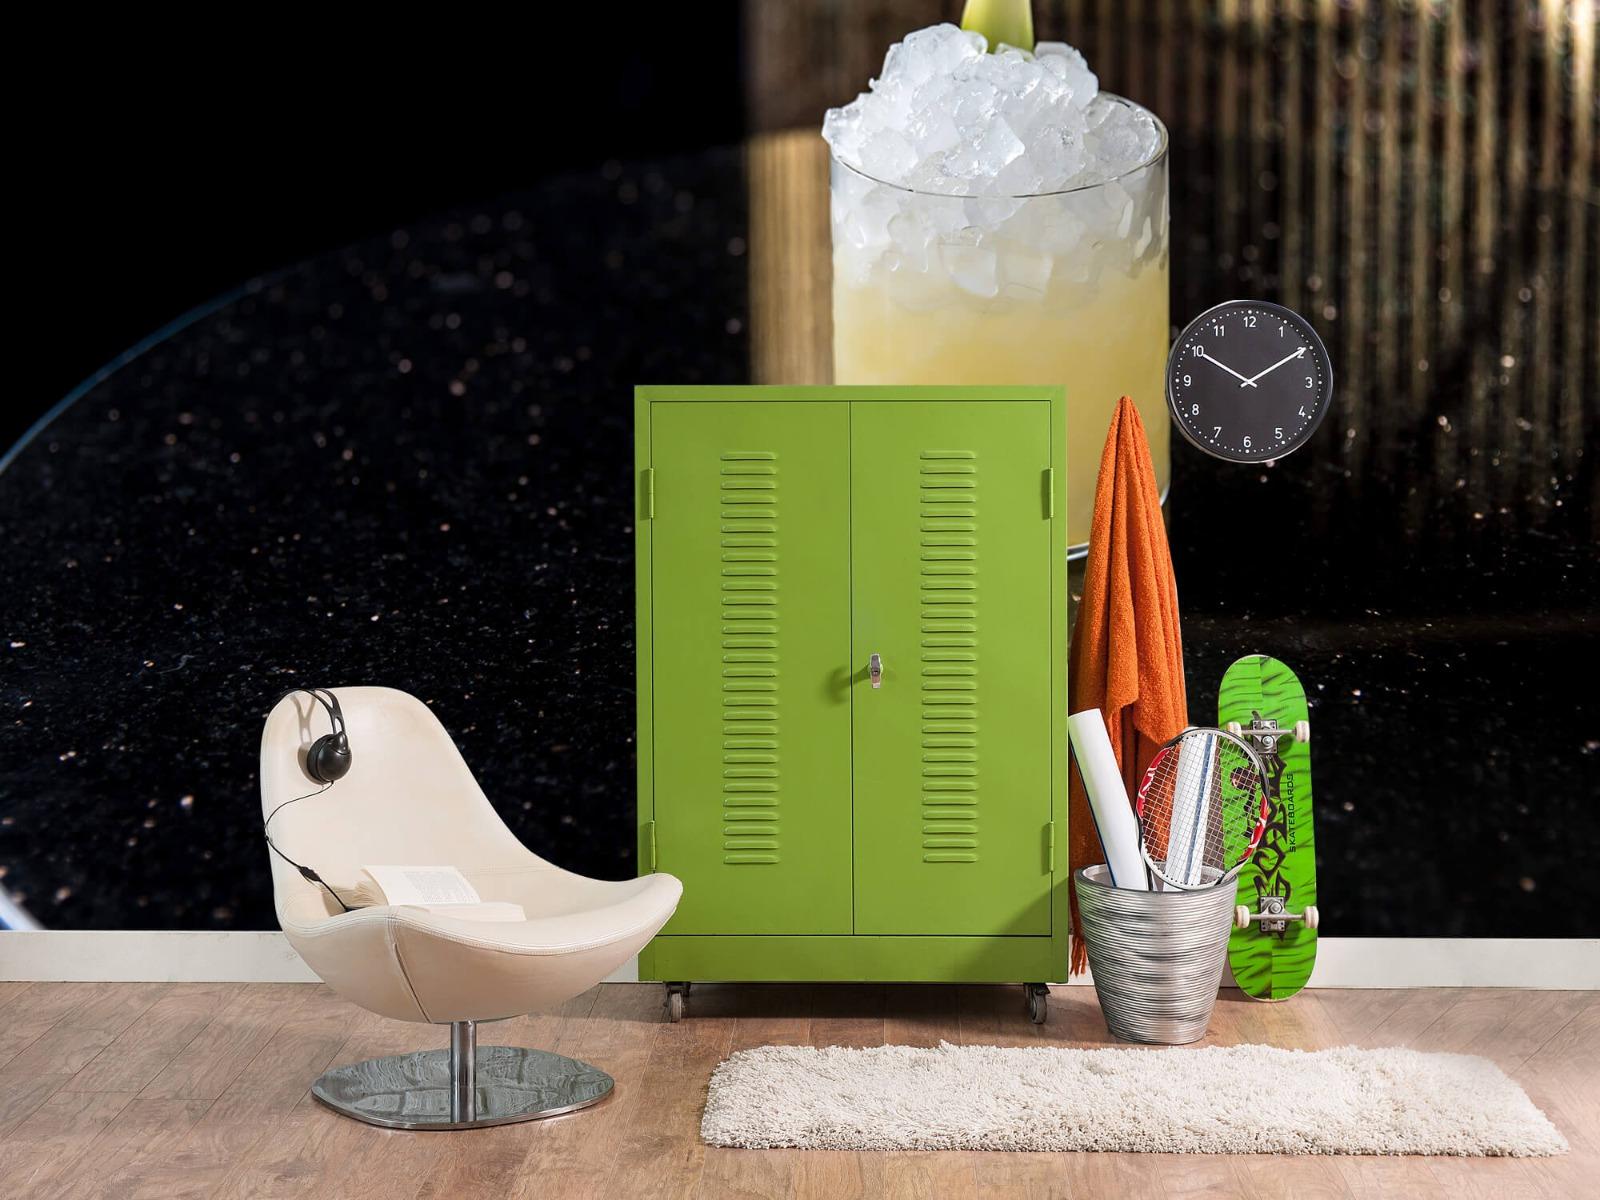 Overige - Luxe drankje - Keuken 18